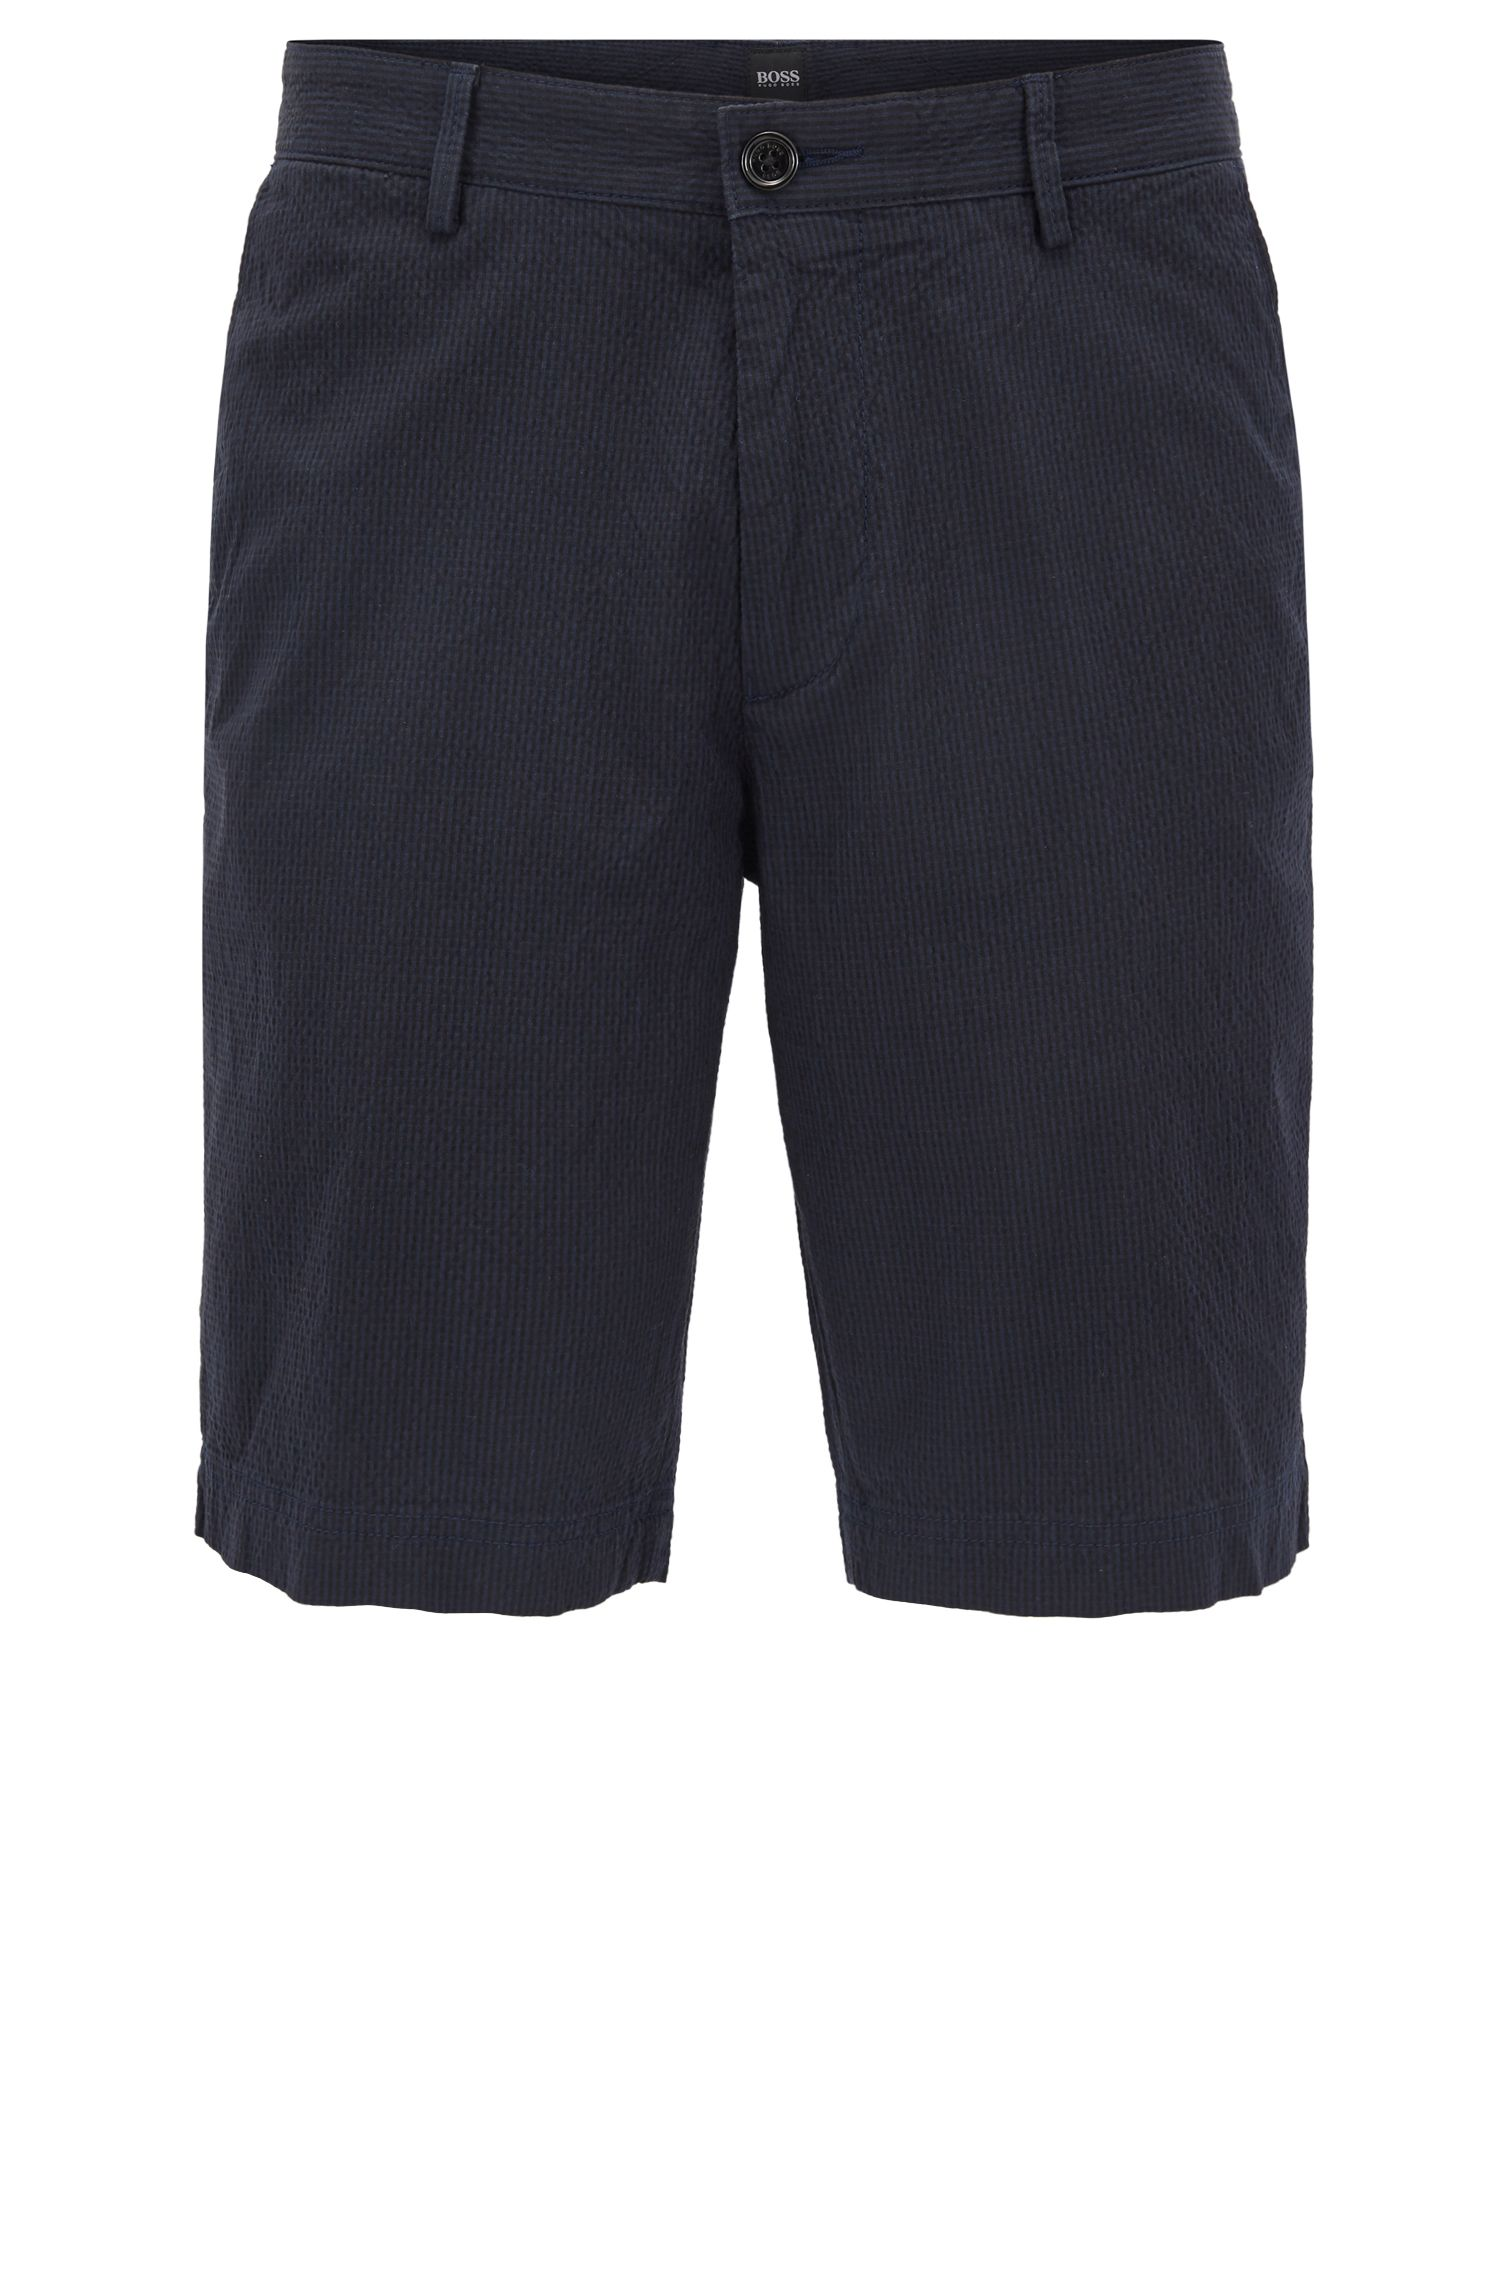 Shorts regular fit en sirsaca de algodón elástico